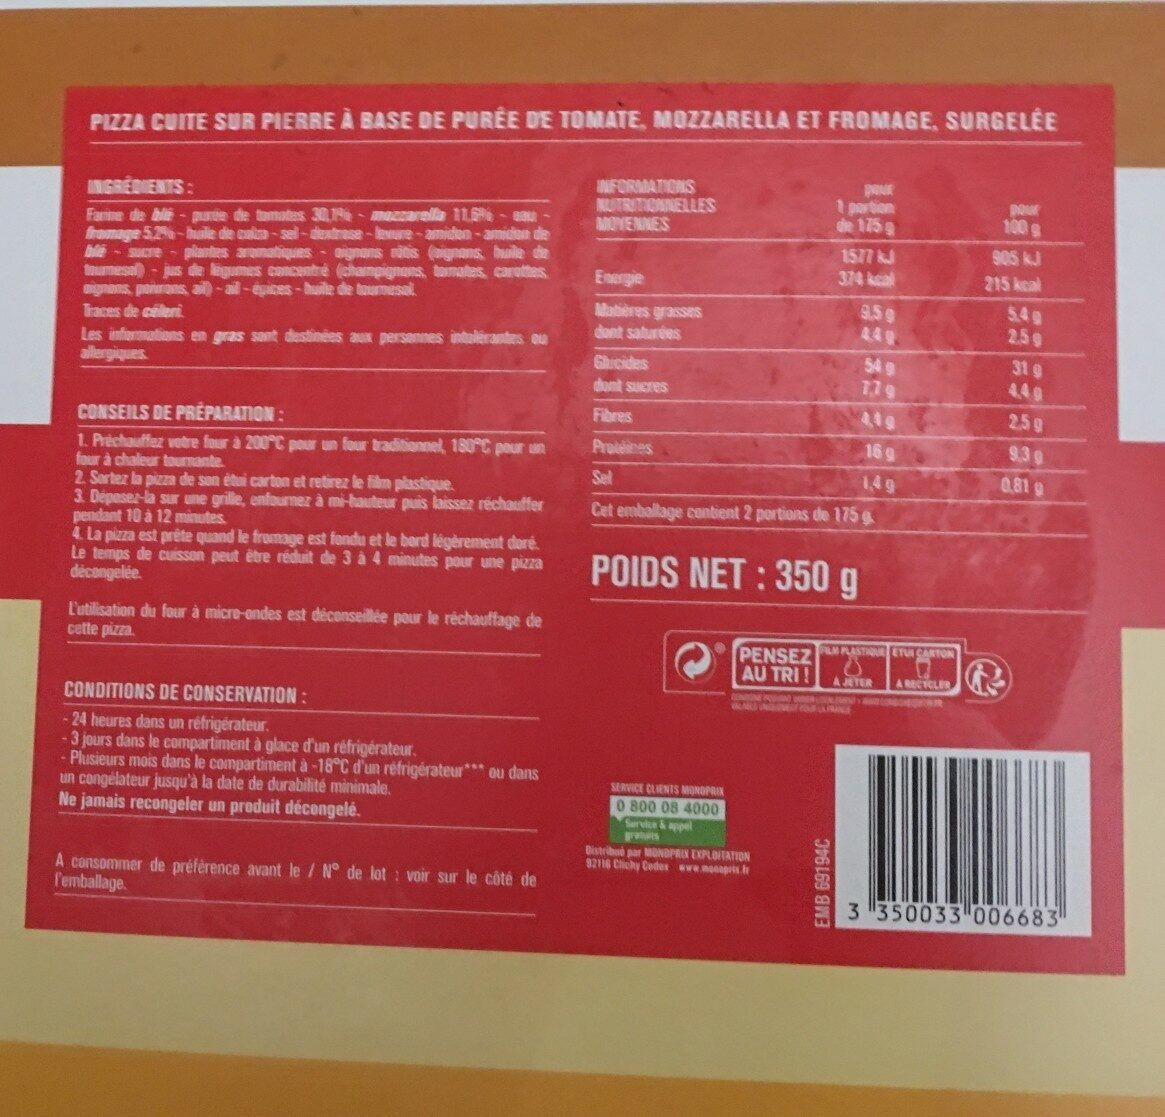 Pizza cuite sur pierre Margherita (Tomate, Mozzarella) - Informations nutritionnelles - fr